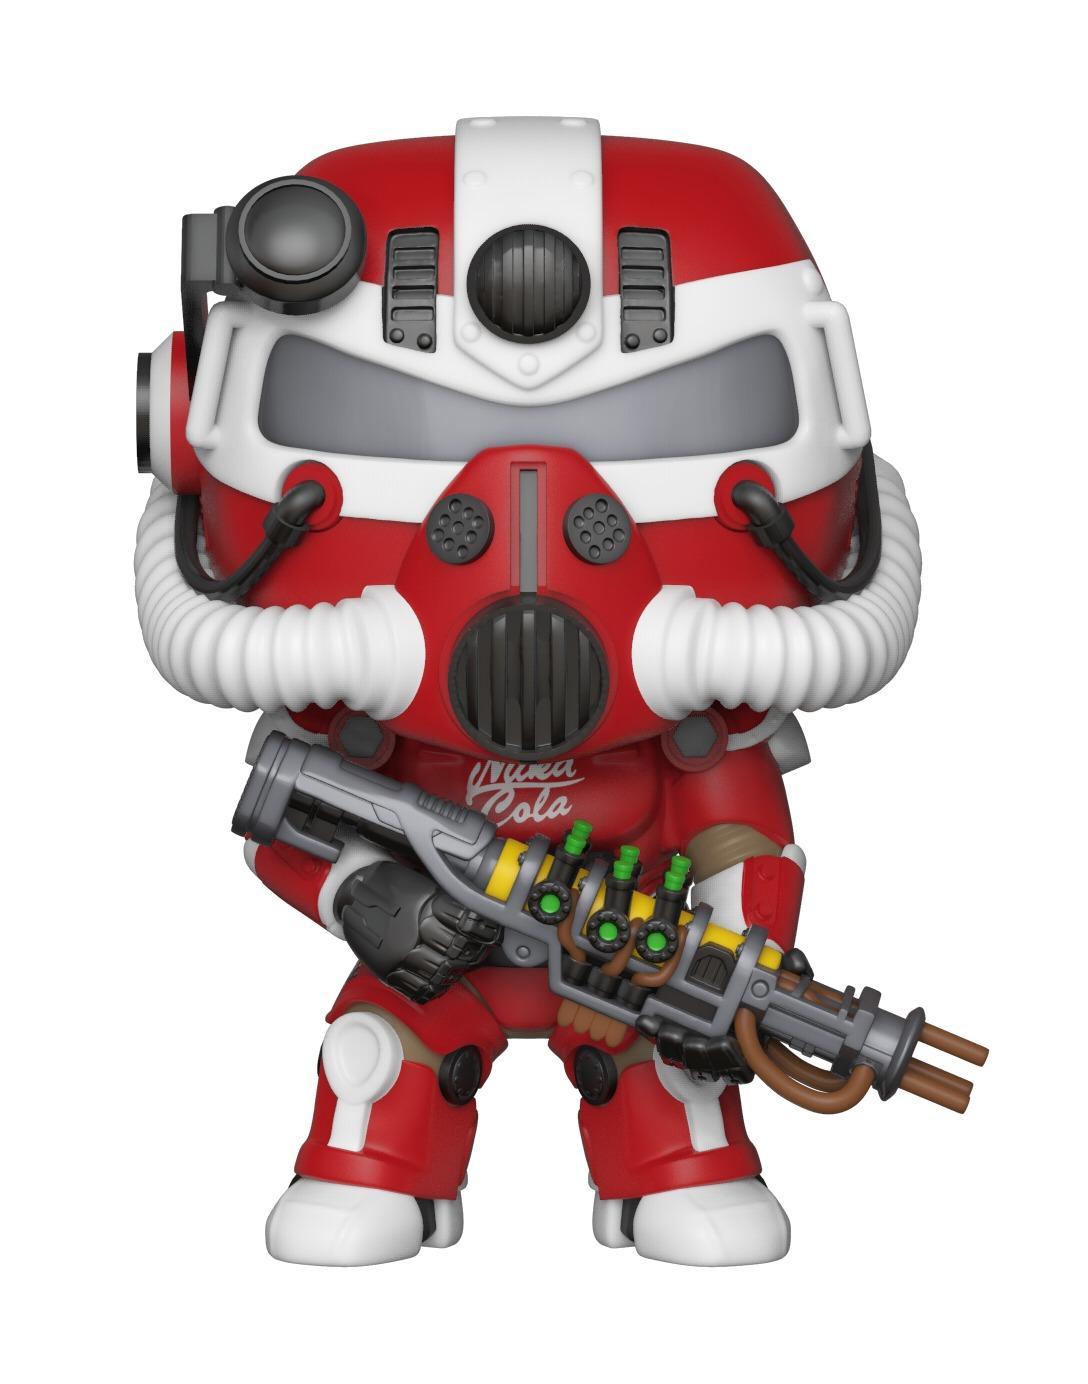 Fallout - T-51 Power (Nuka-Cola) Armour Pop! Vinyl Figure image